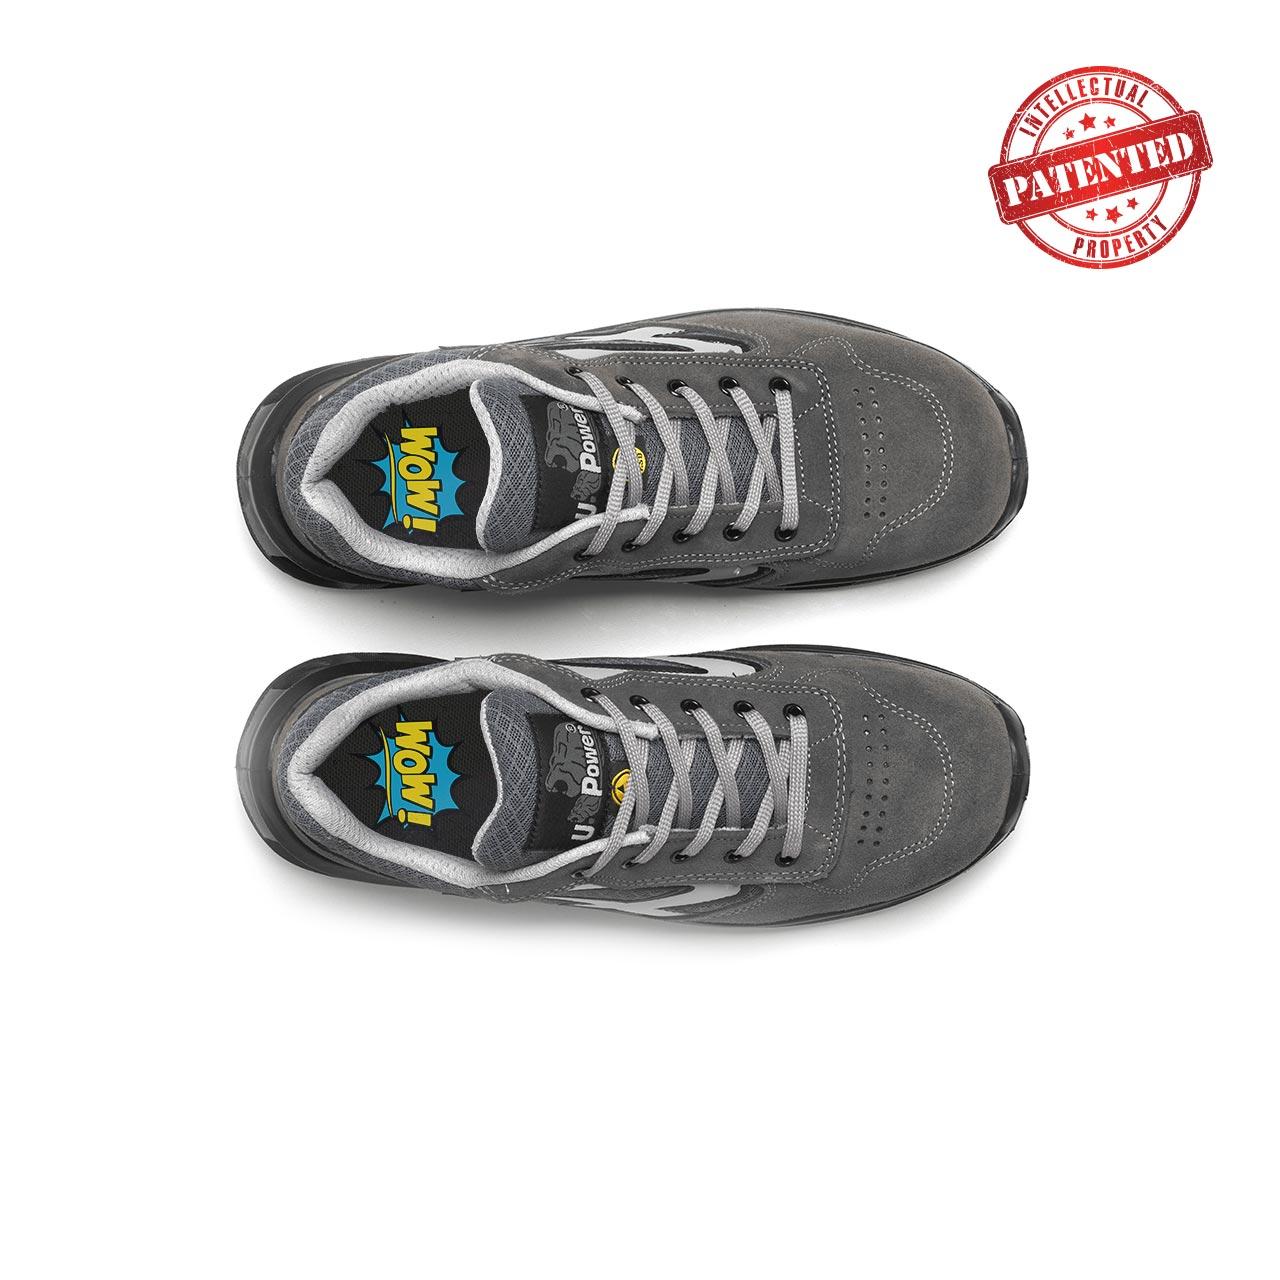 paio di scarpe antinfortunistiche upower modello push linea redlion vista top